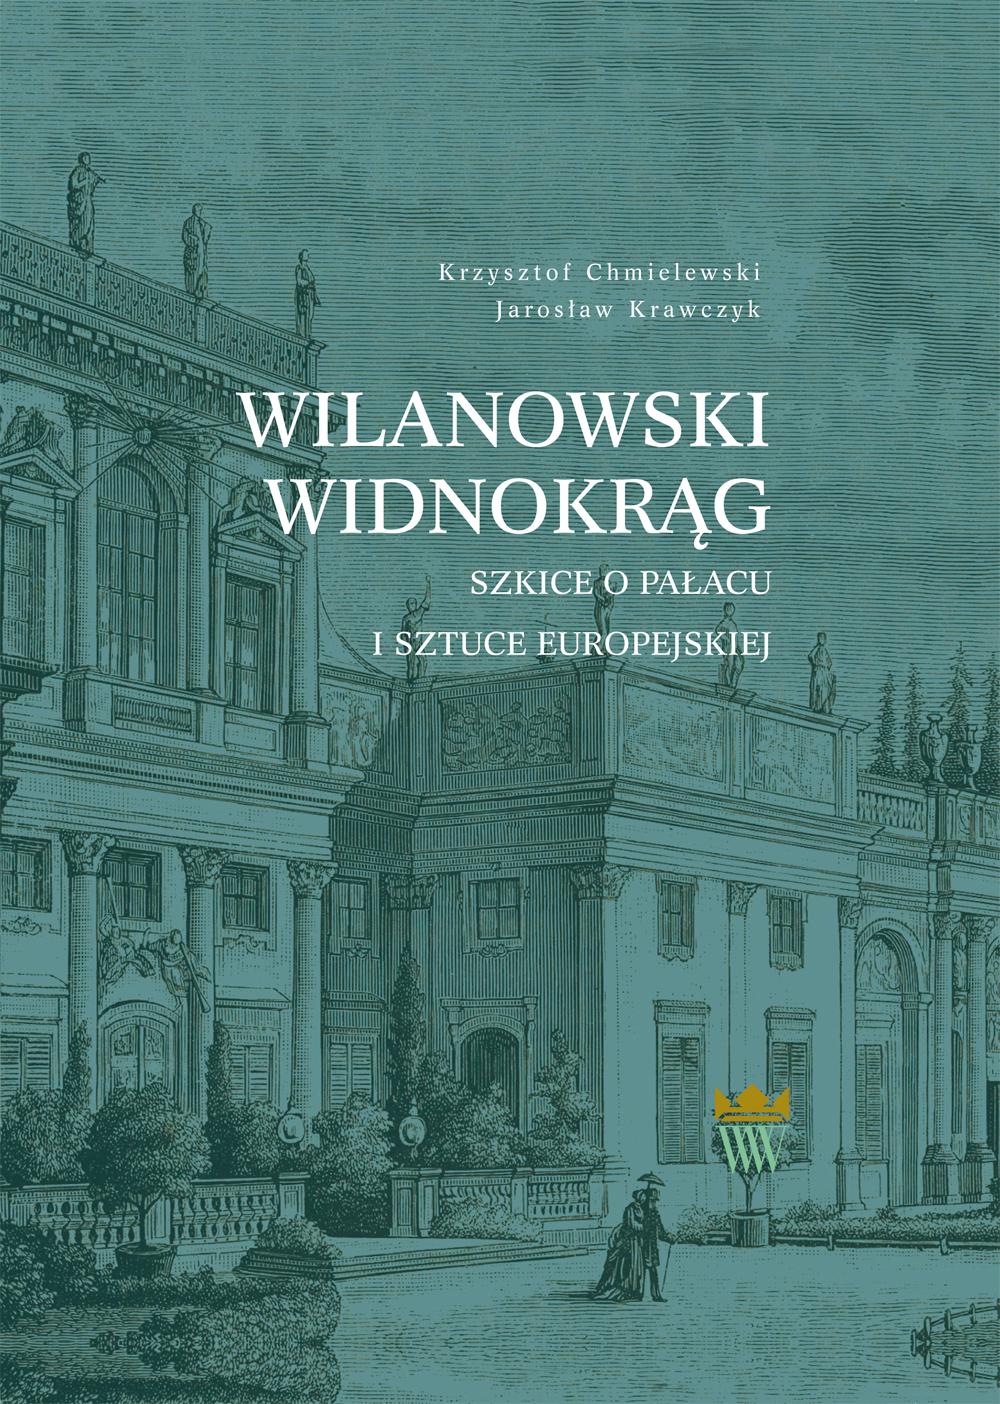 Wilanowski widnokrąg